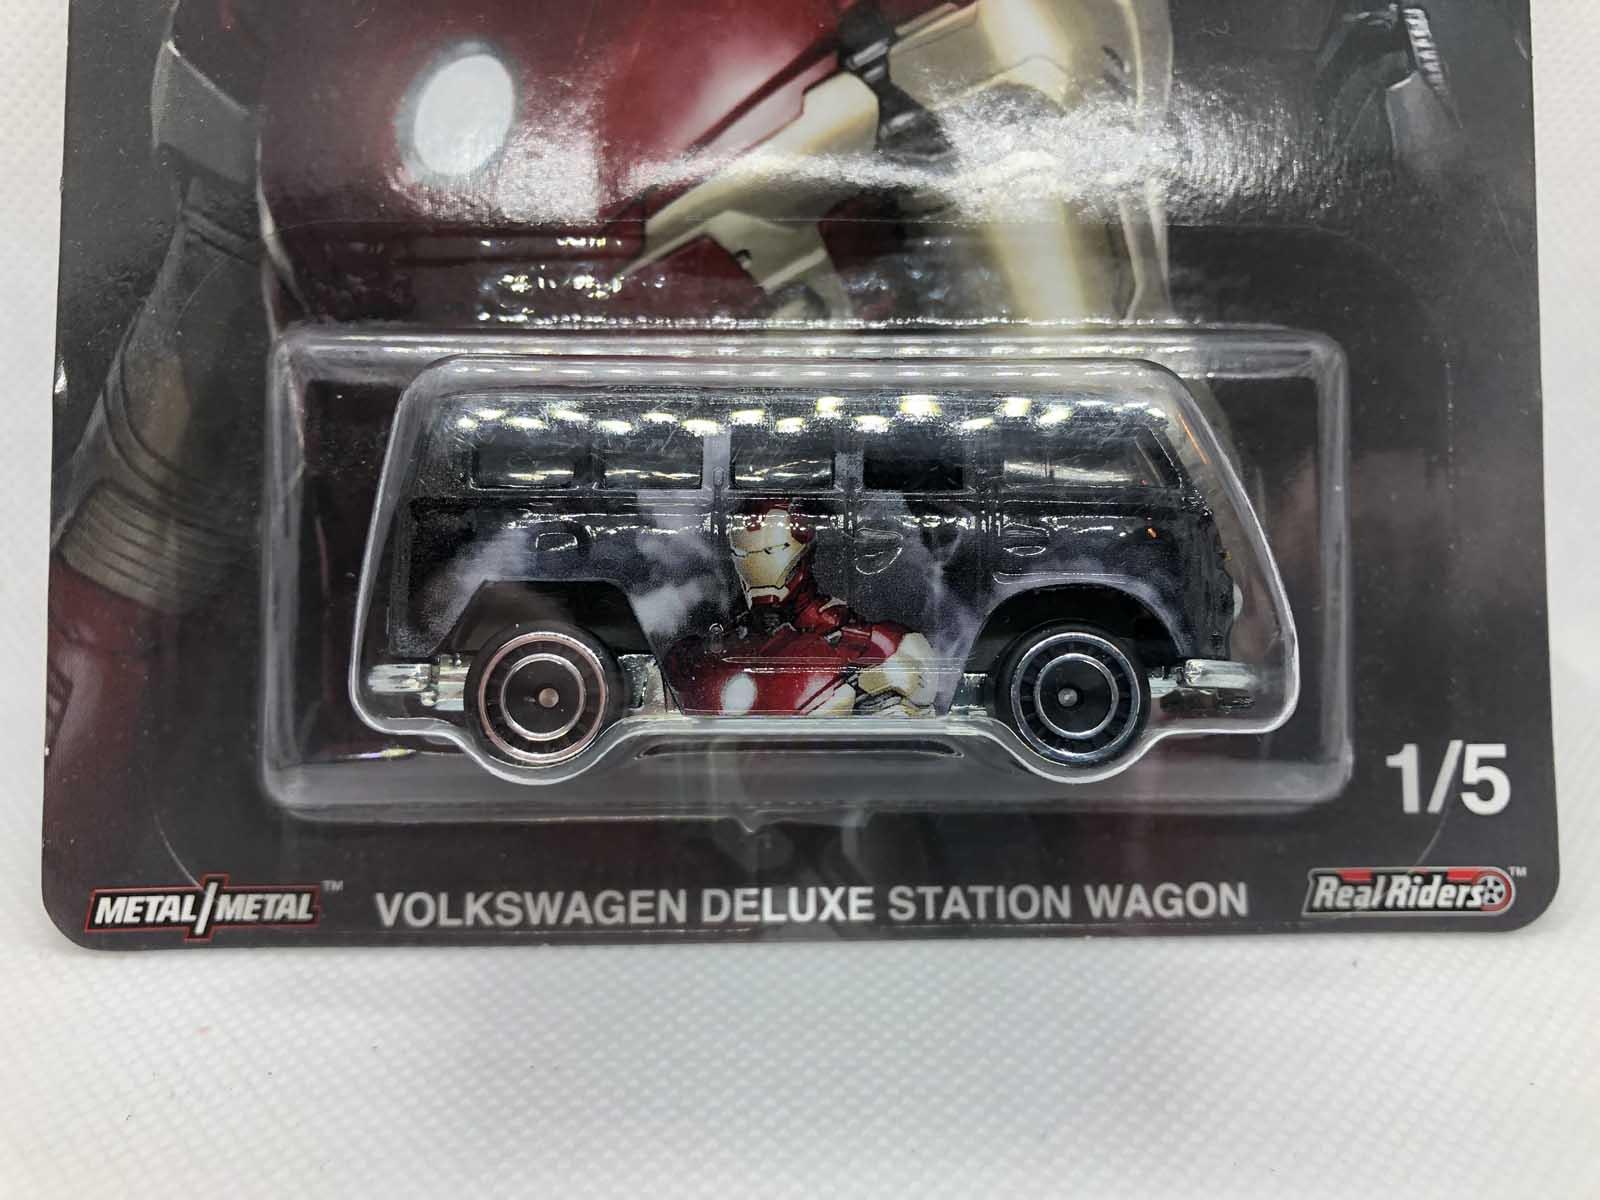 Volkswagen Deluxe Station Wagon